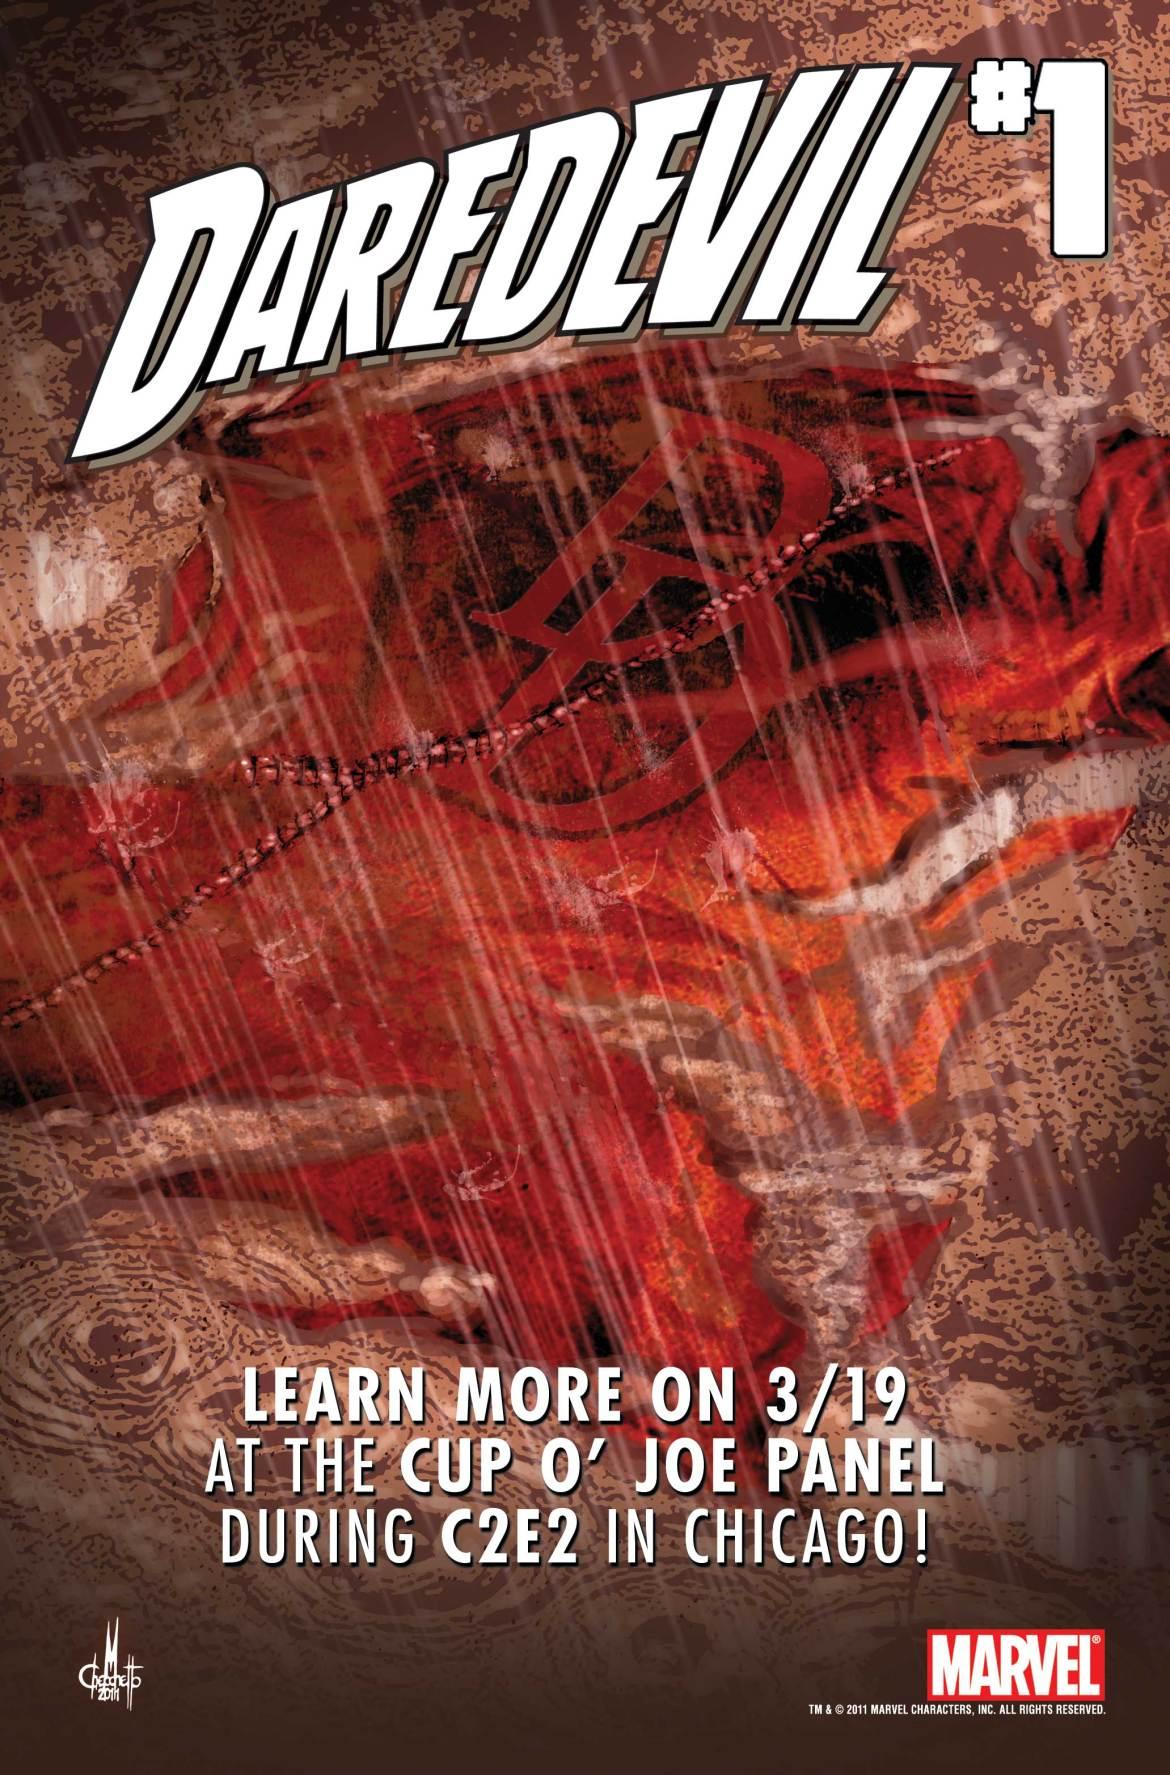 DaredevilC2E2 DAREDEVIL #1 creative team to be revealed at C2E2